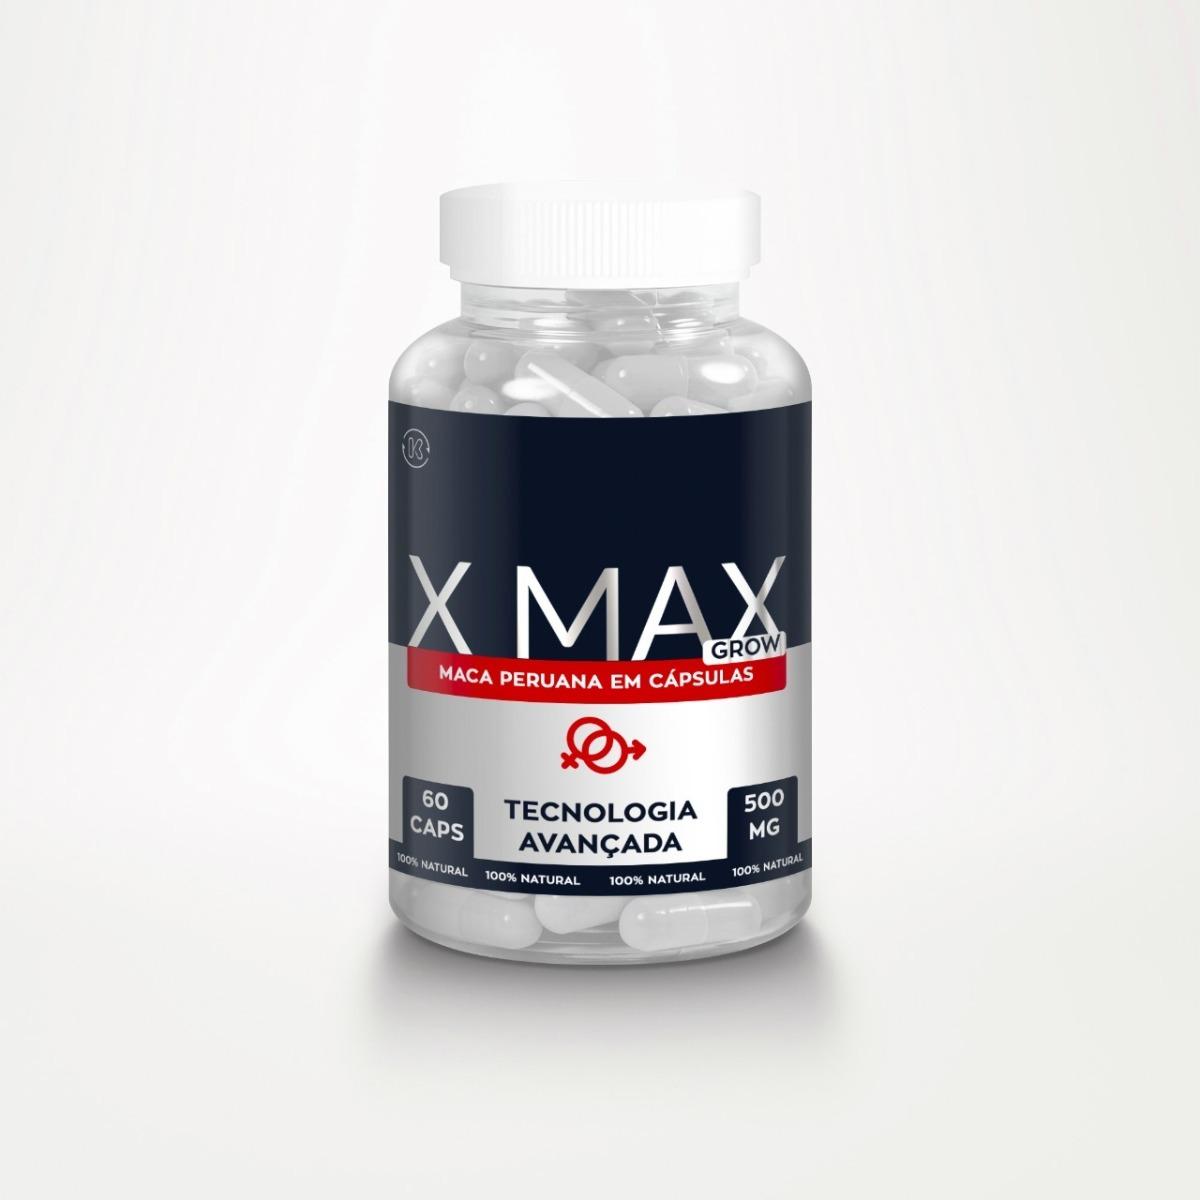 x max grow funciona